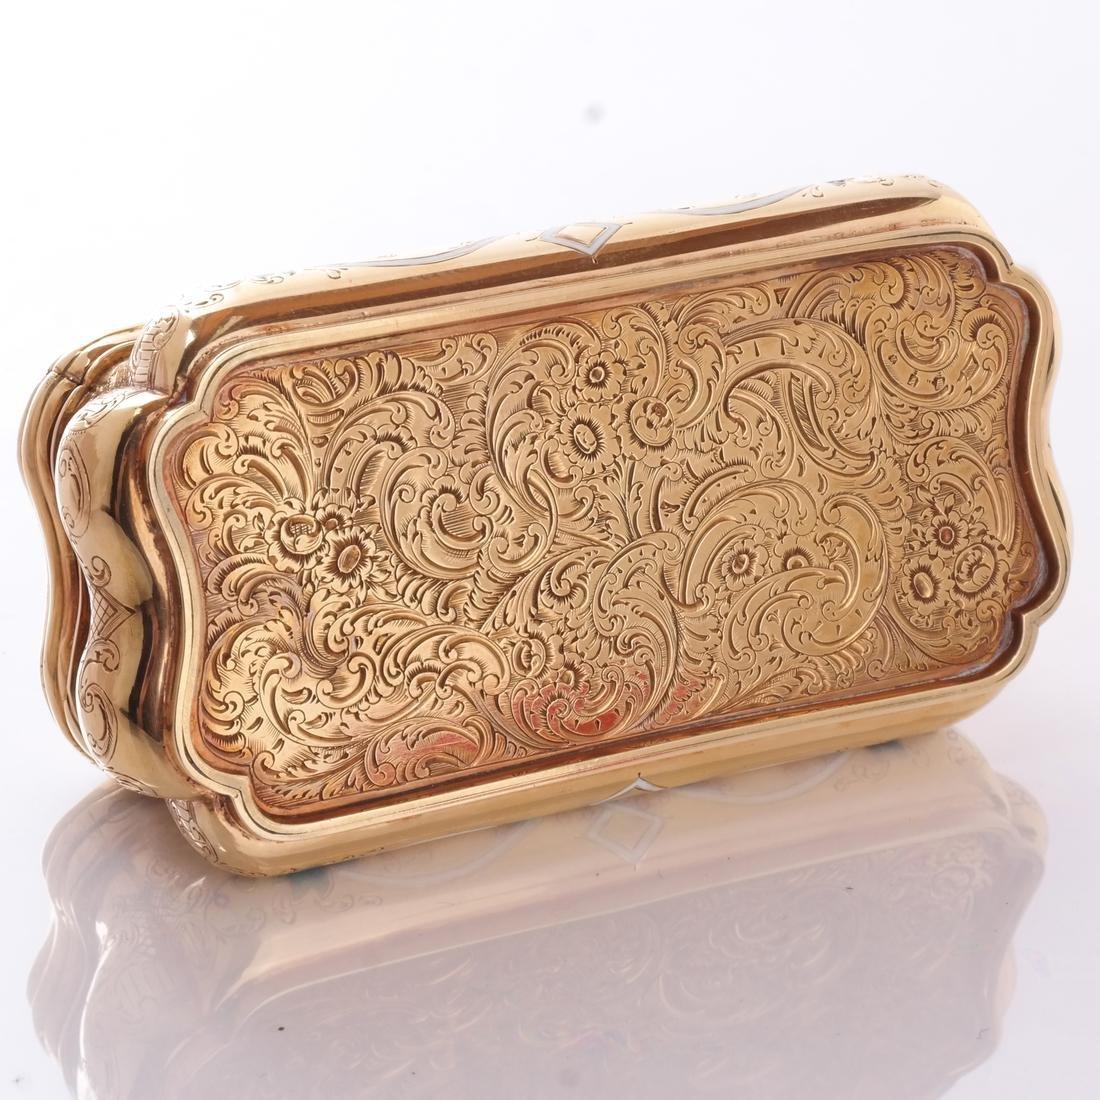 14k Yellow Gold & Enamel Box - 4